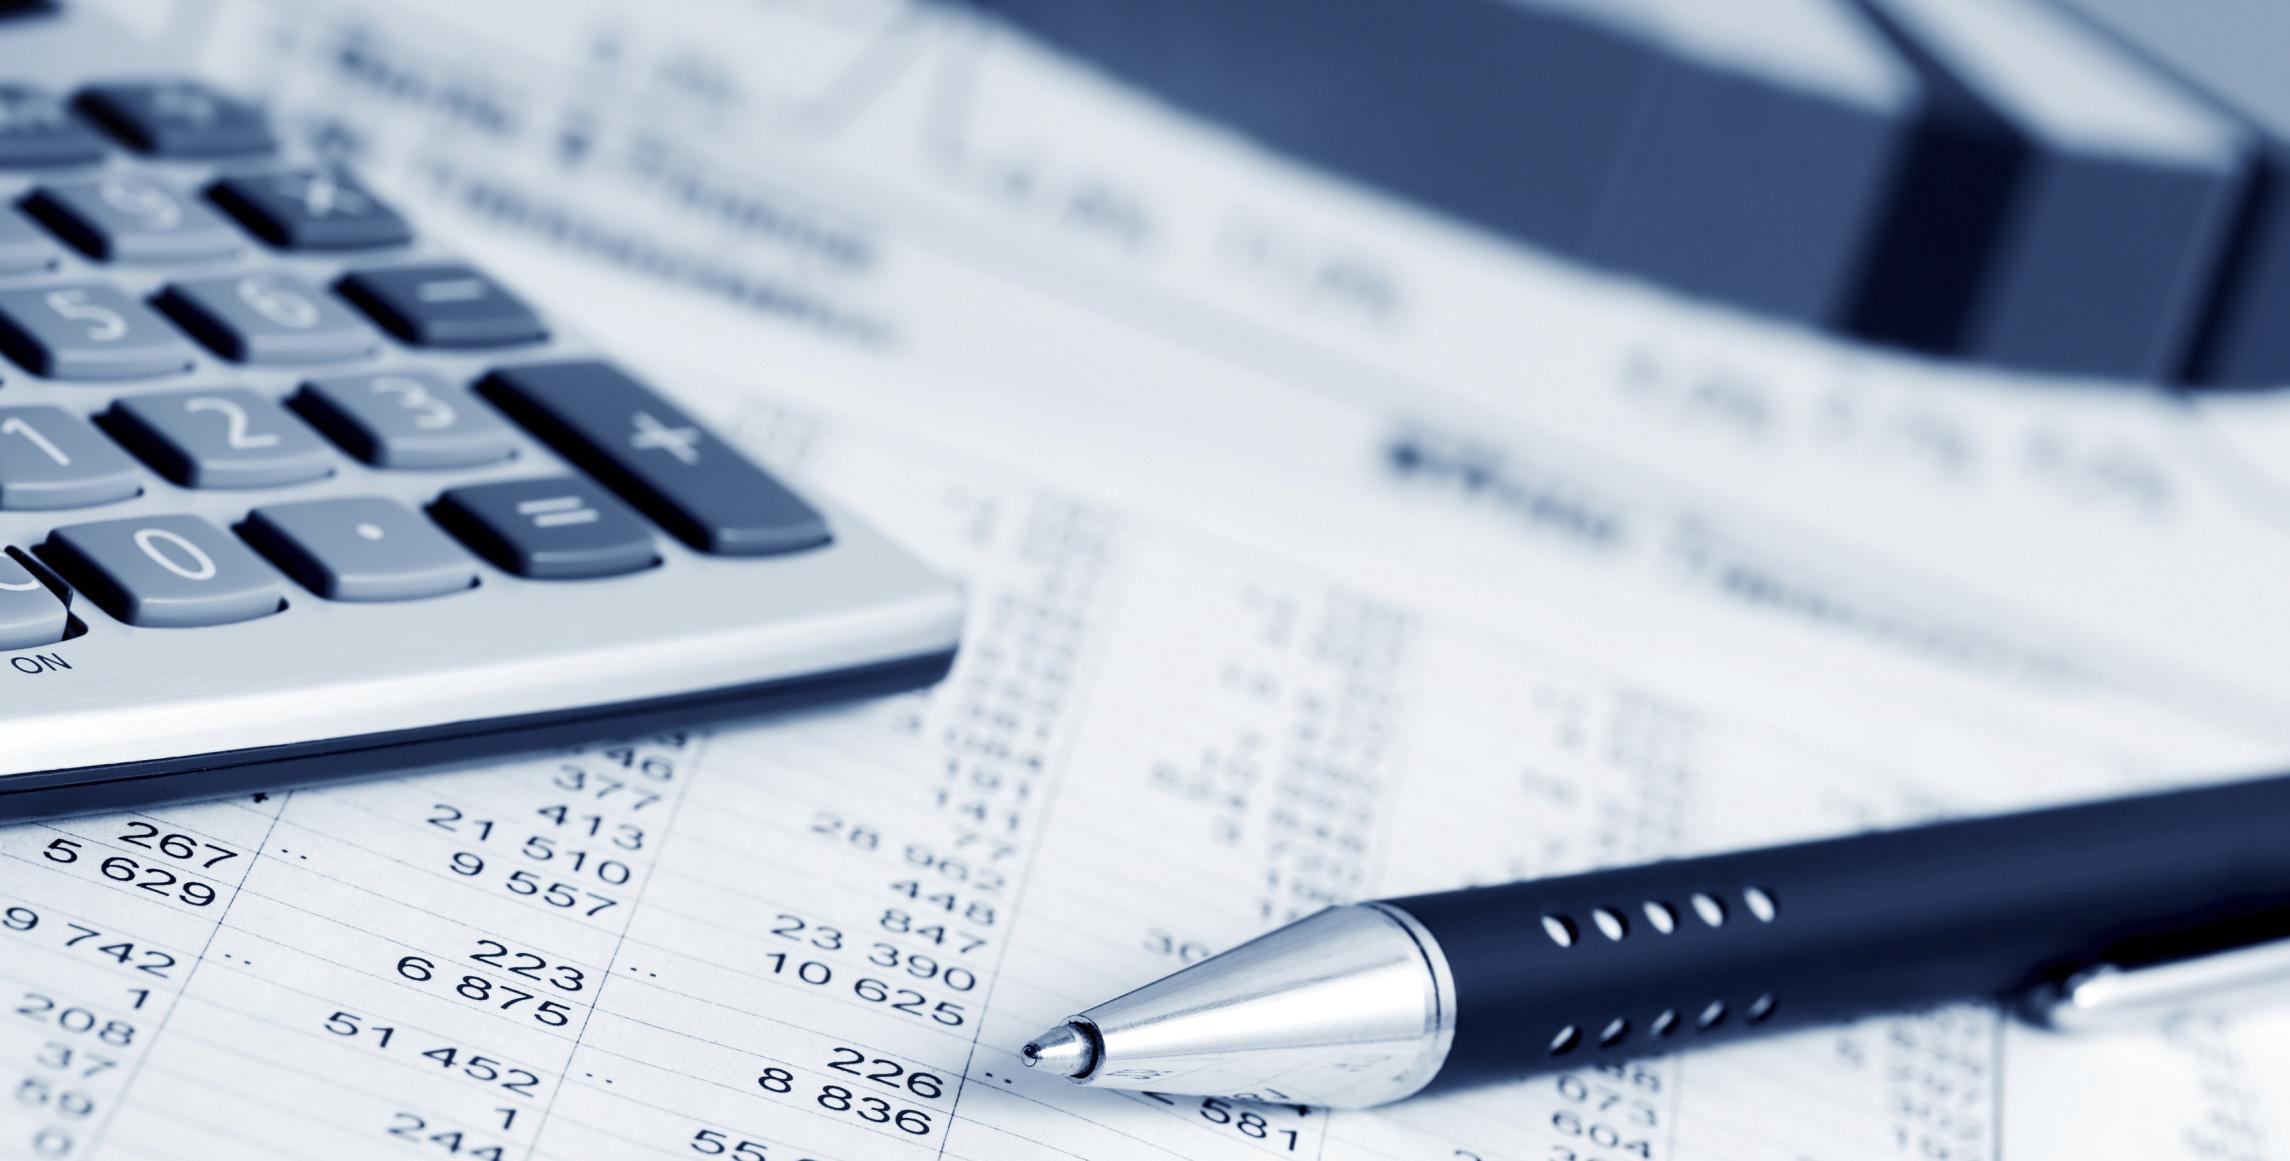 Le diplôme supérieur de comptabilité et de gestion : Les raisons pour lesquelles vous pouvez vous former à tout âge